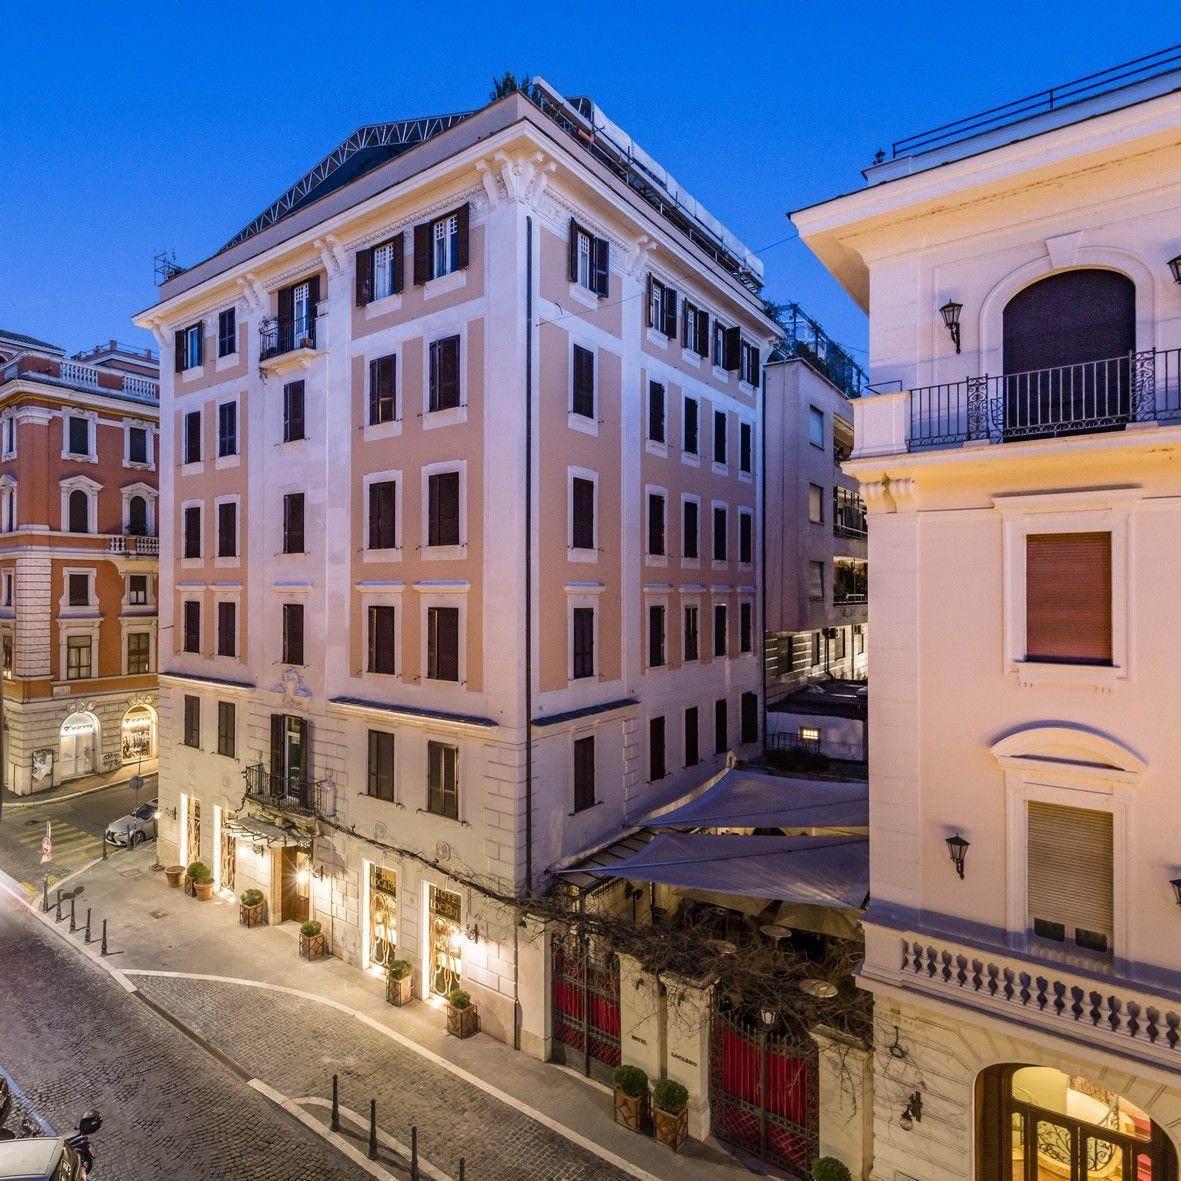 Ristrutturazione Hotel Locarno - image 1